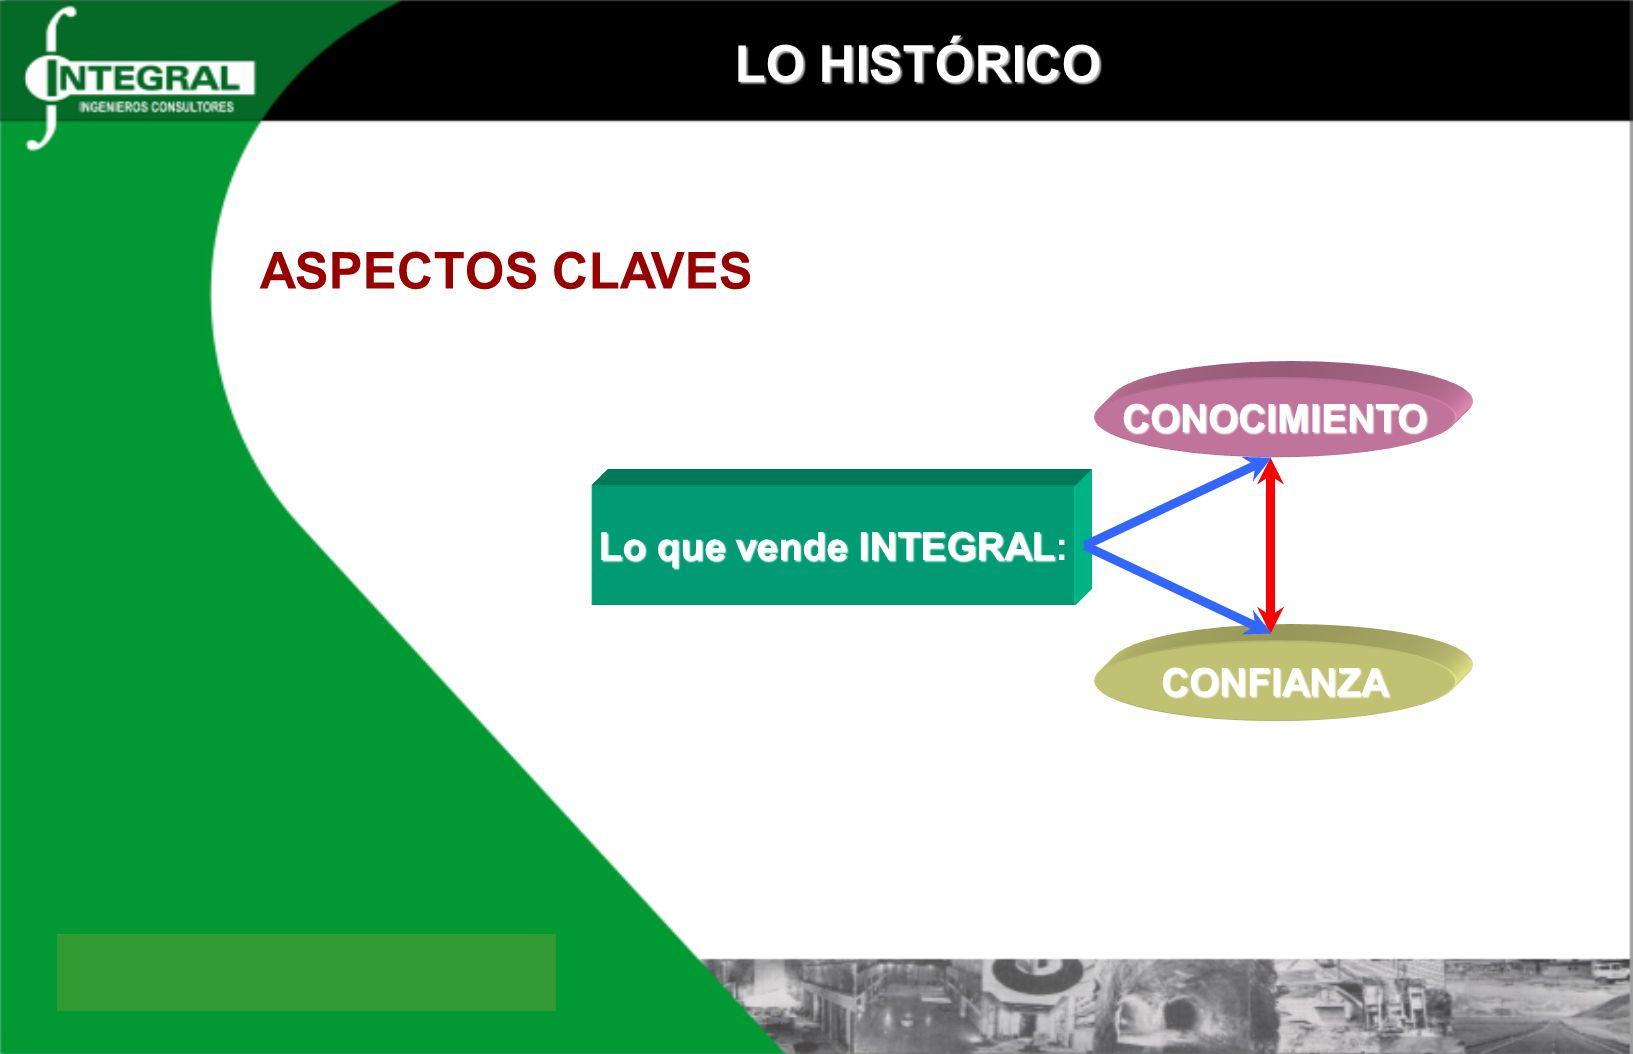 LO HISTÓRICO ASPECTOS CLAVES Lo que vende INTEGRAL Lo que vende INTEGRAL: CONOCIMIENTO CONFIANZA